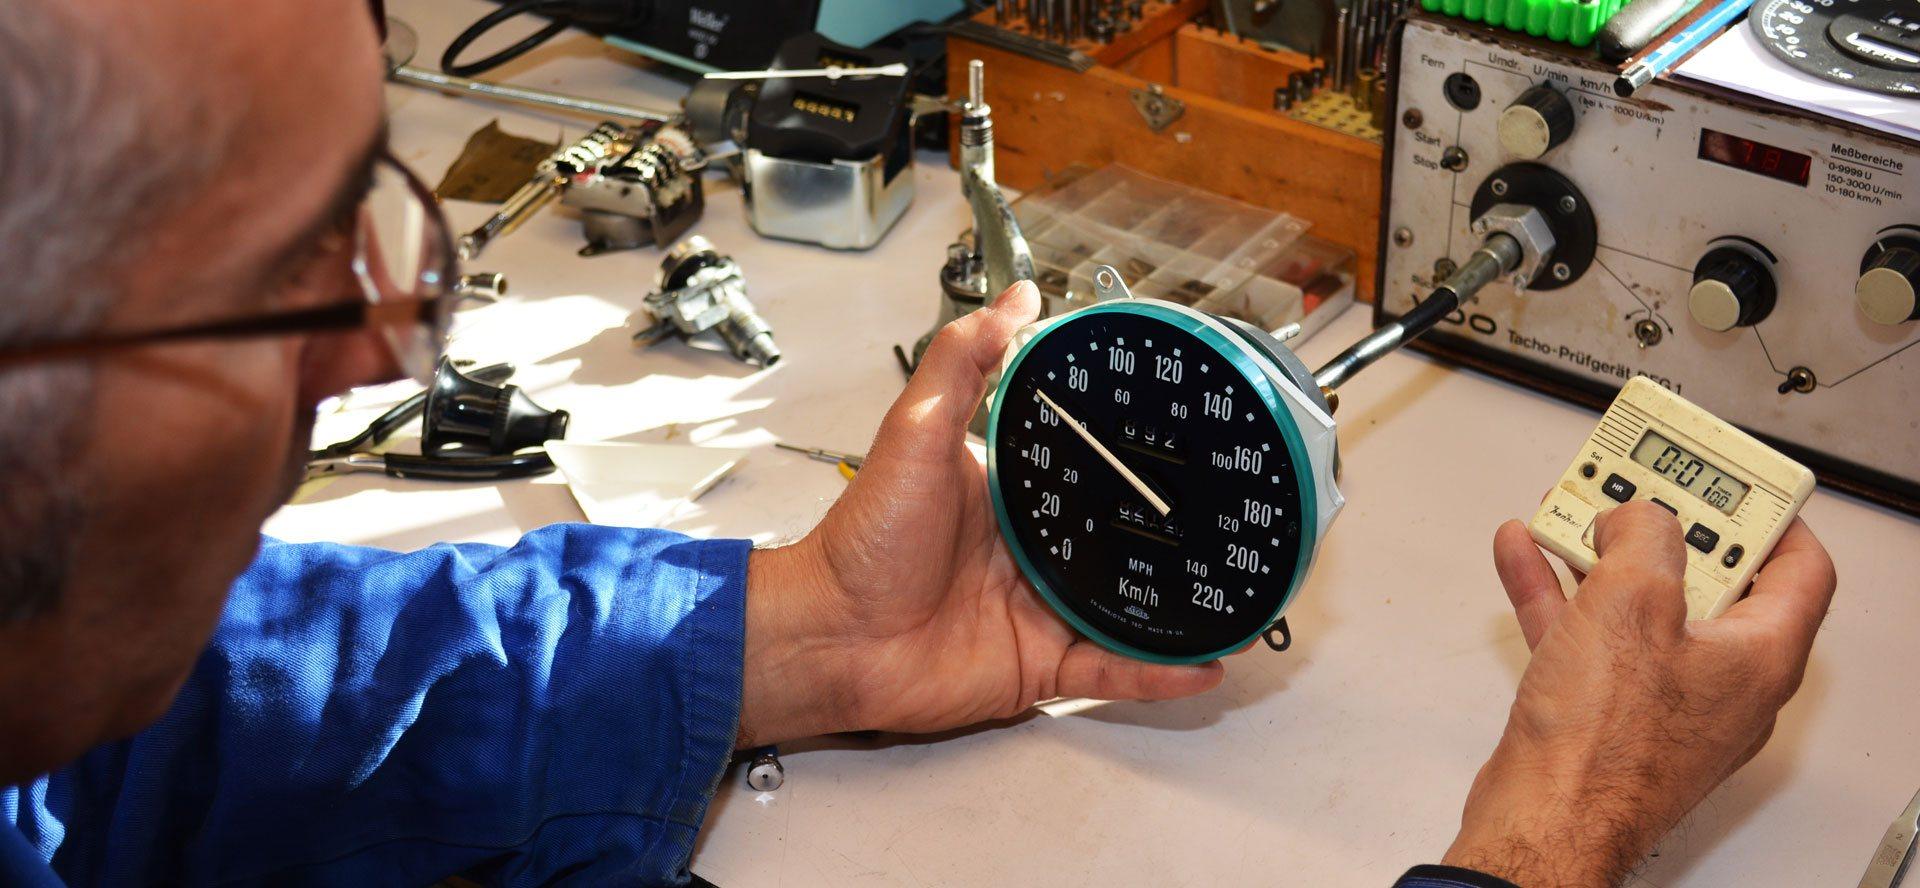 Renotech-réparateur-instrumentation-bord-anciennes-voitures